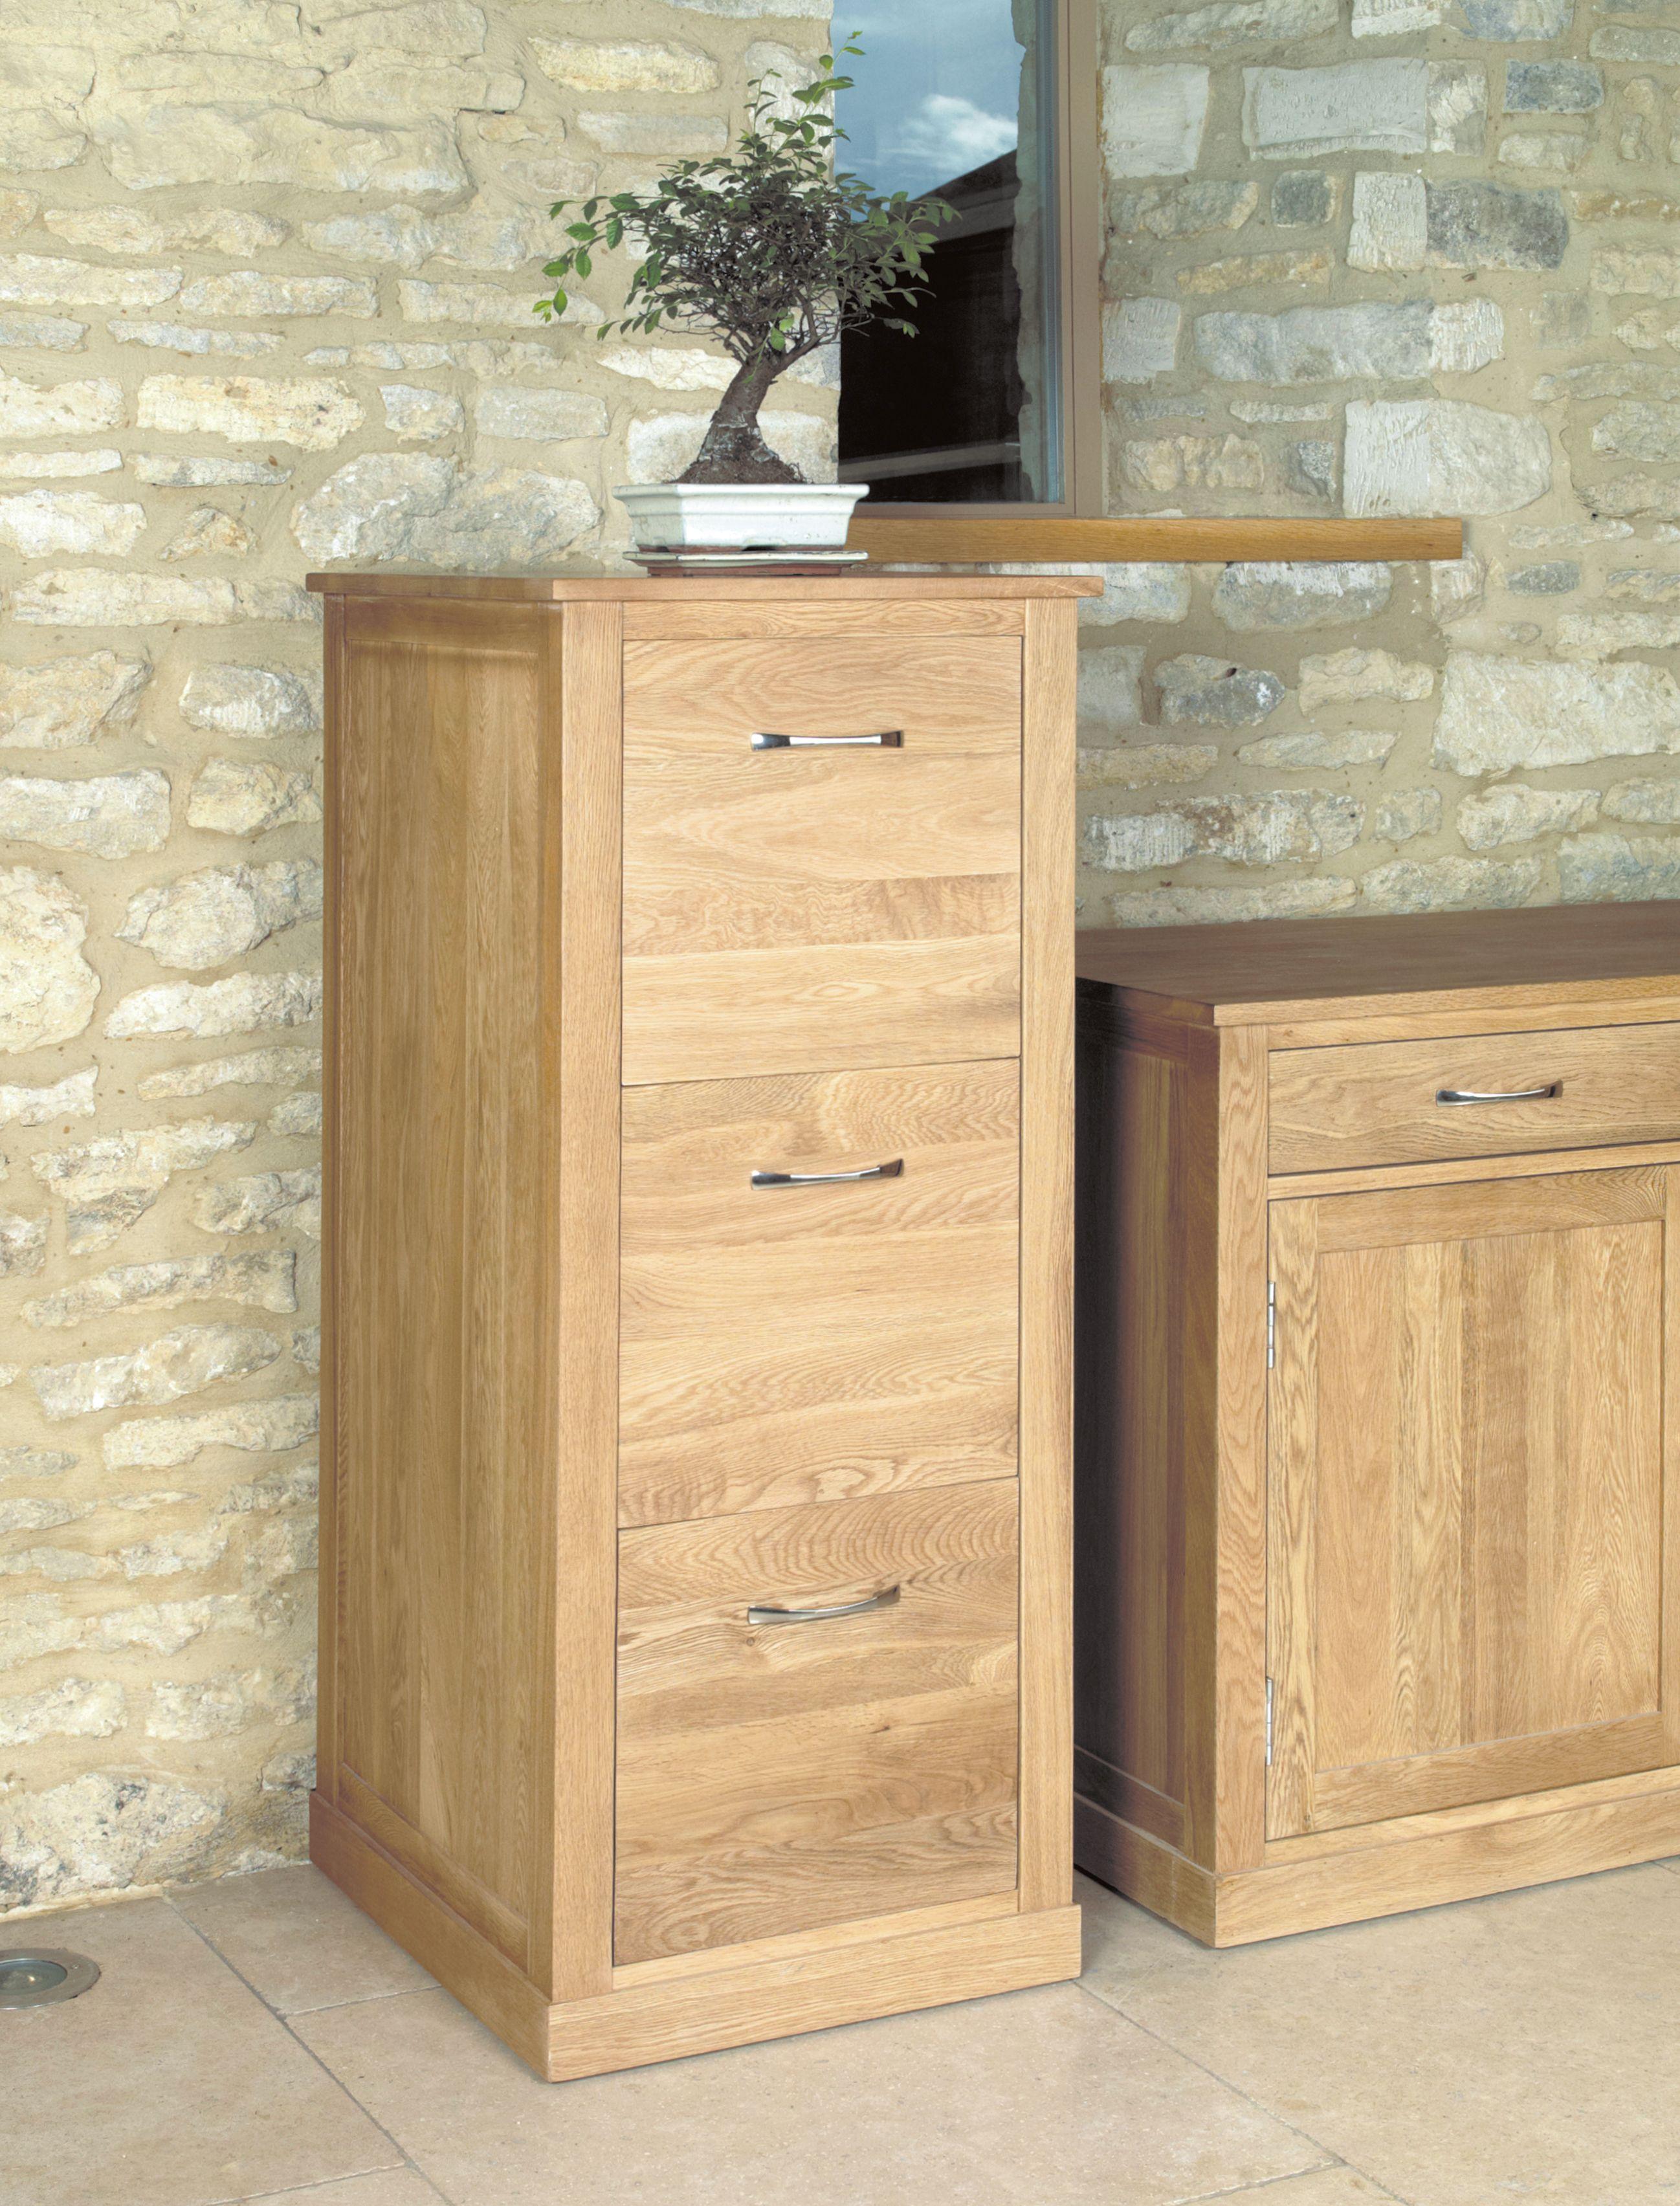 Baumhaus Mobel Oak 3 Drawer Filing Cabinet | Filing ...